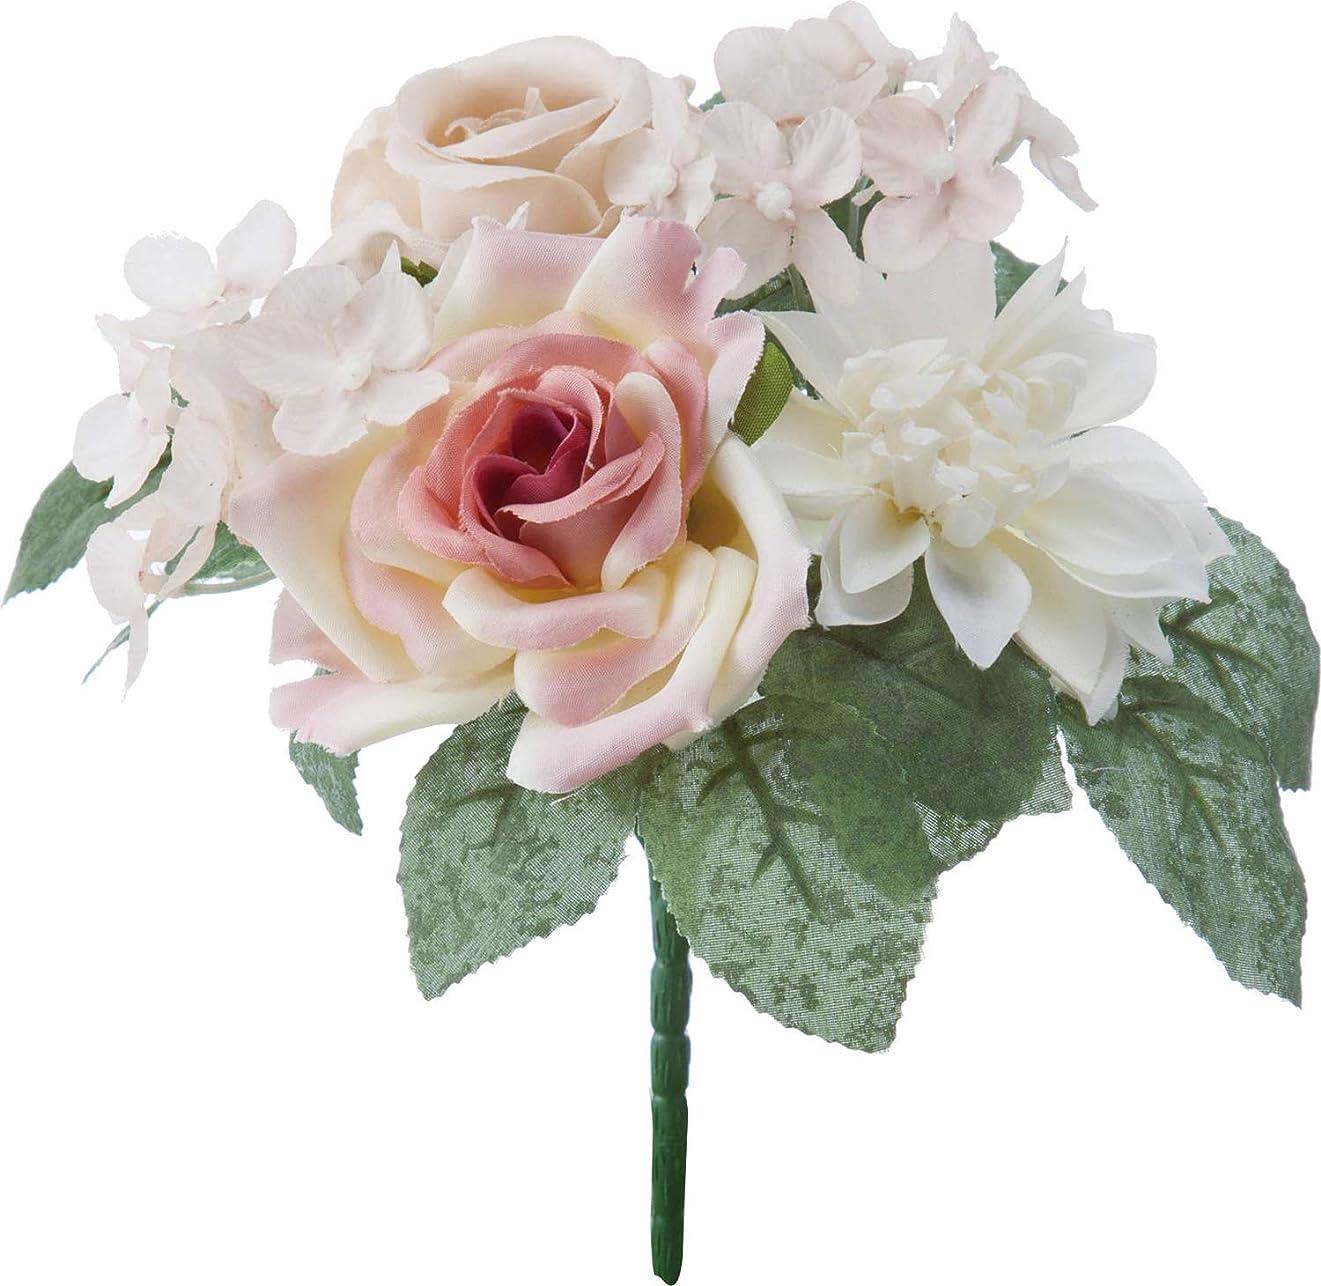 温かい余計な体現するポピー(Poppy) 造花 ドライローズミックスブッシュ FB -2482 BE